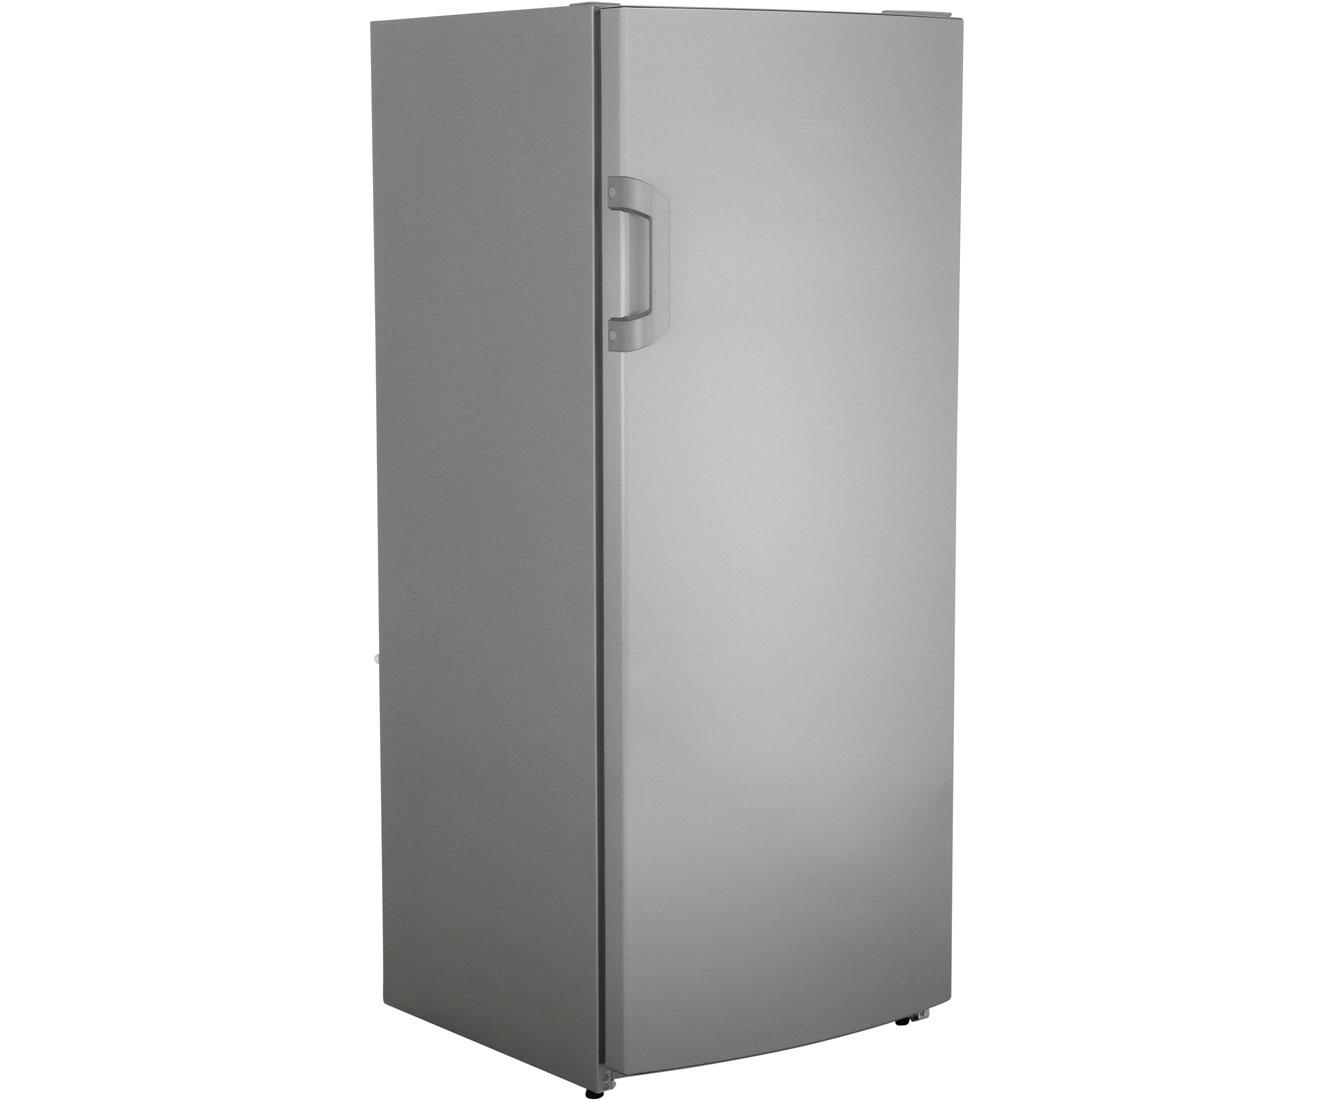 Kühlschrank Gorenje : Gorenje r bx kühlschrank freistehend cm edelstahl neu ebay